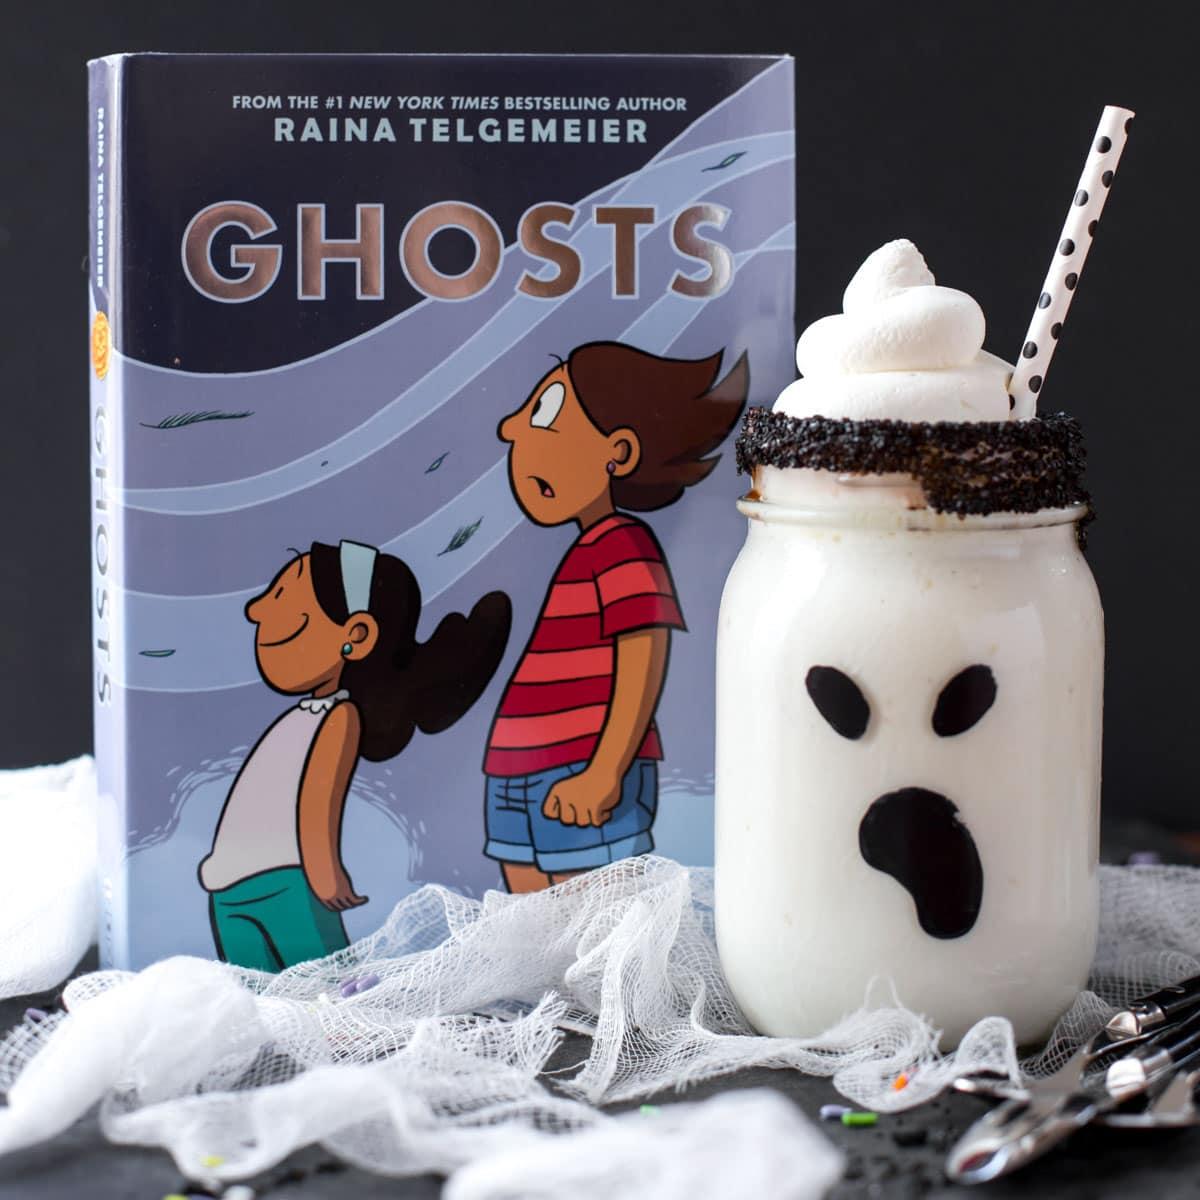 Ghosts by Raina Telgemeier